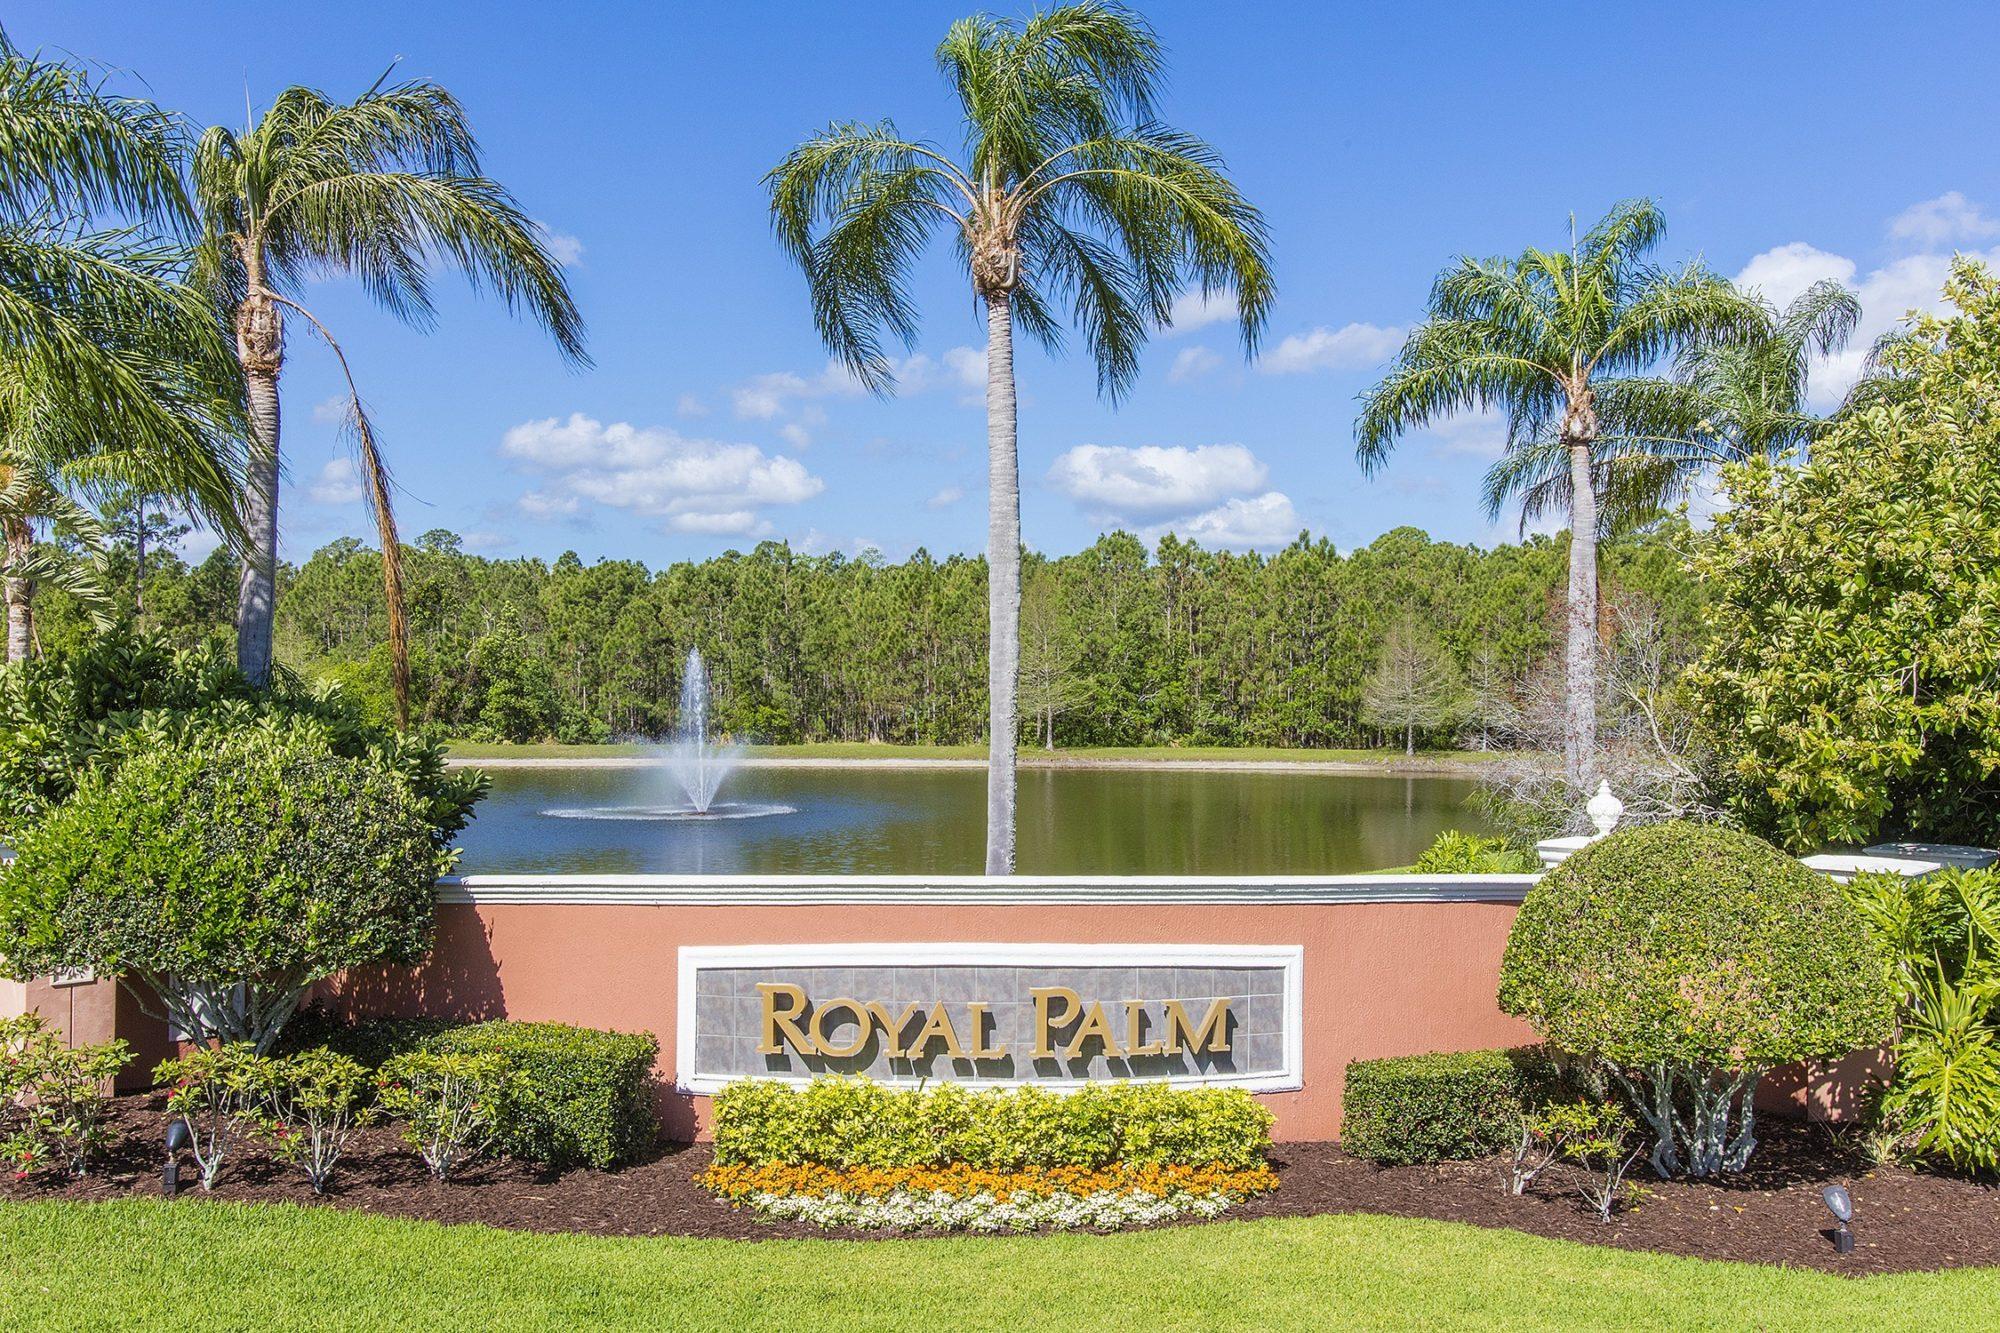 Villages Of Royal Palm Port Orange Florida Kevin